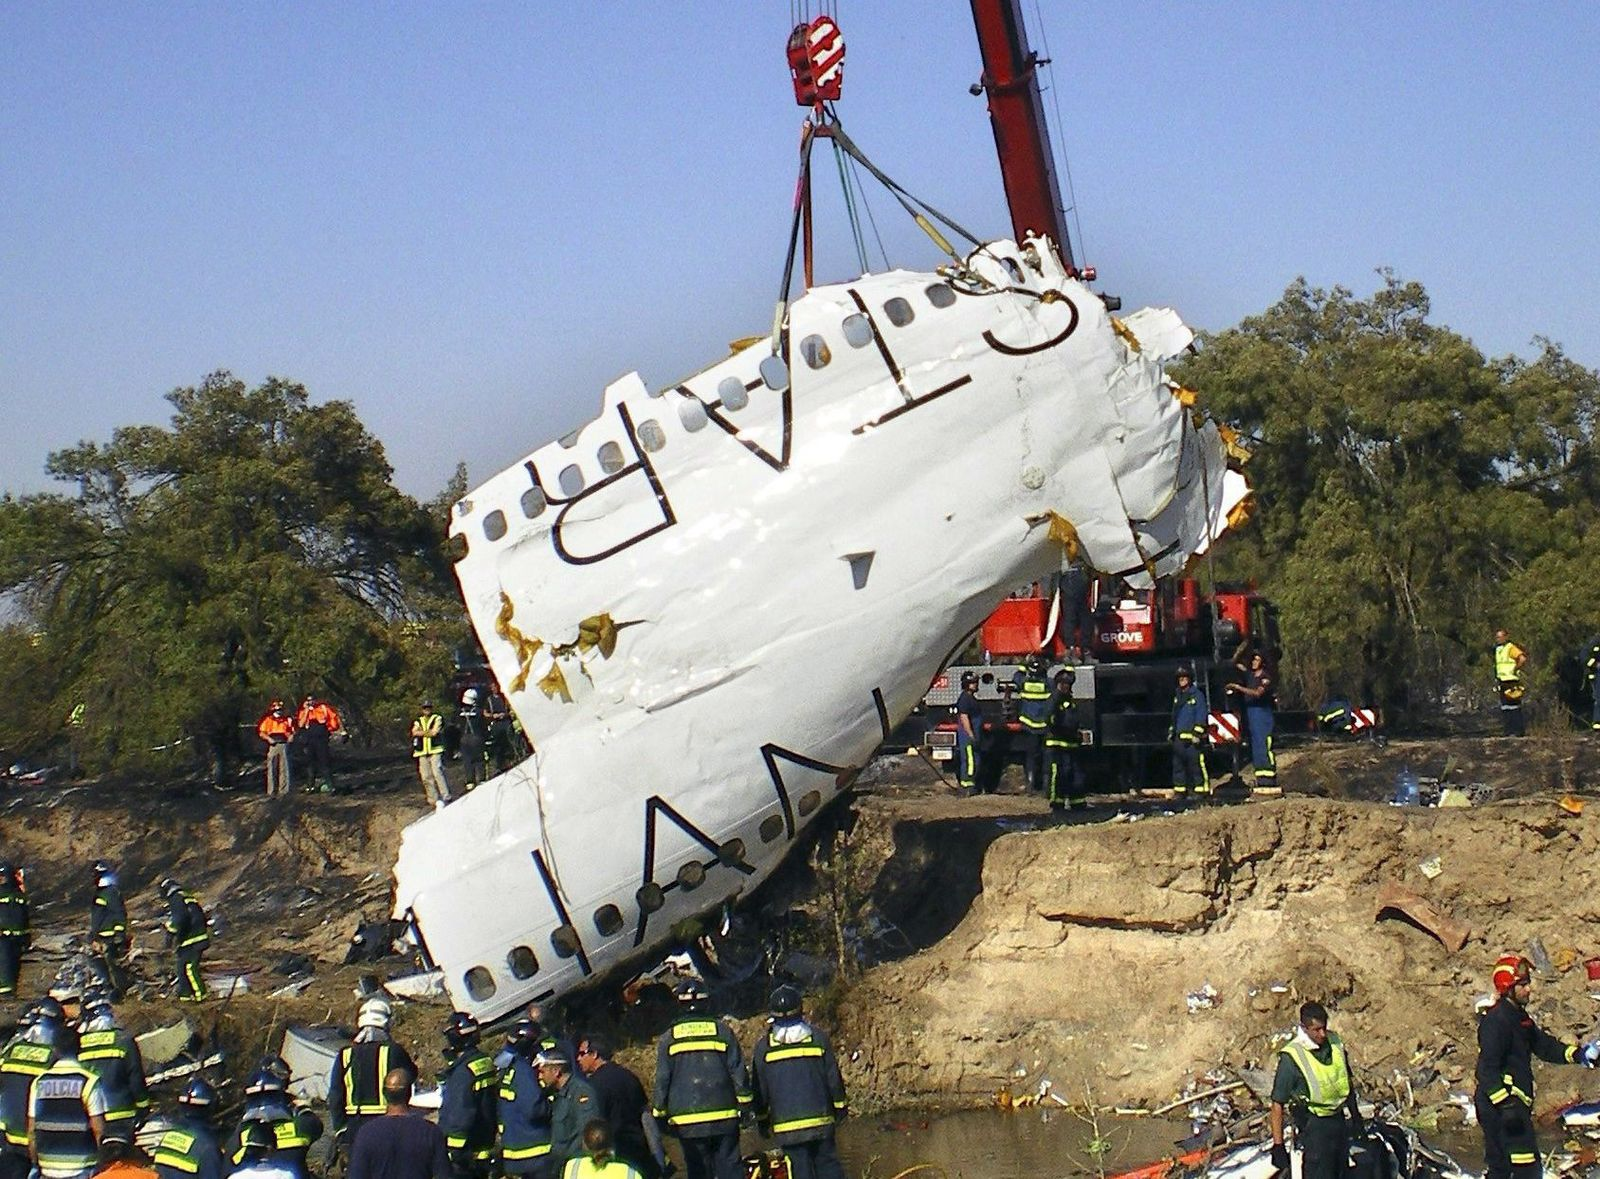 Spanien / Flugzeugabsturz